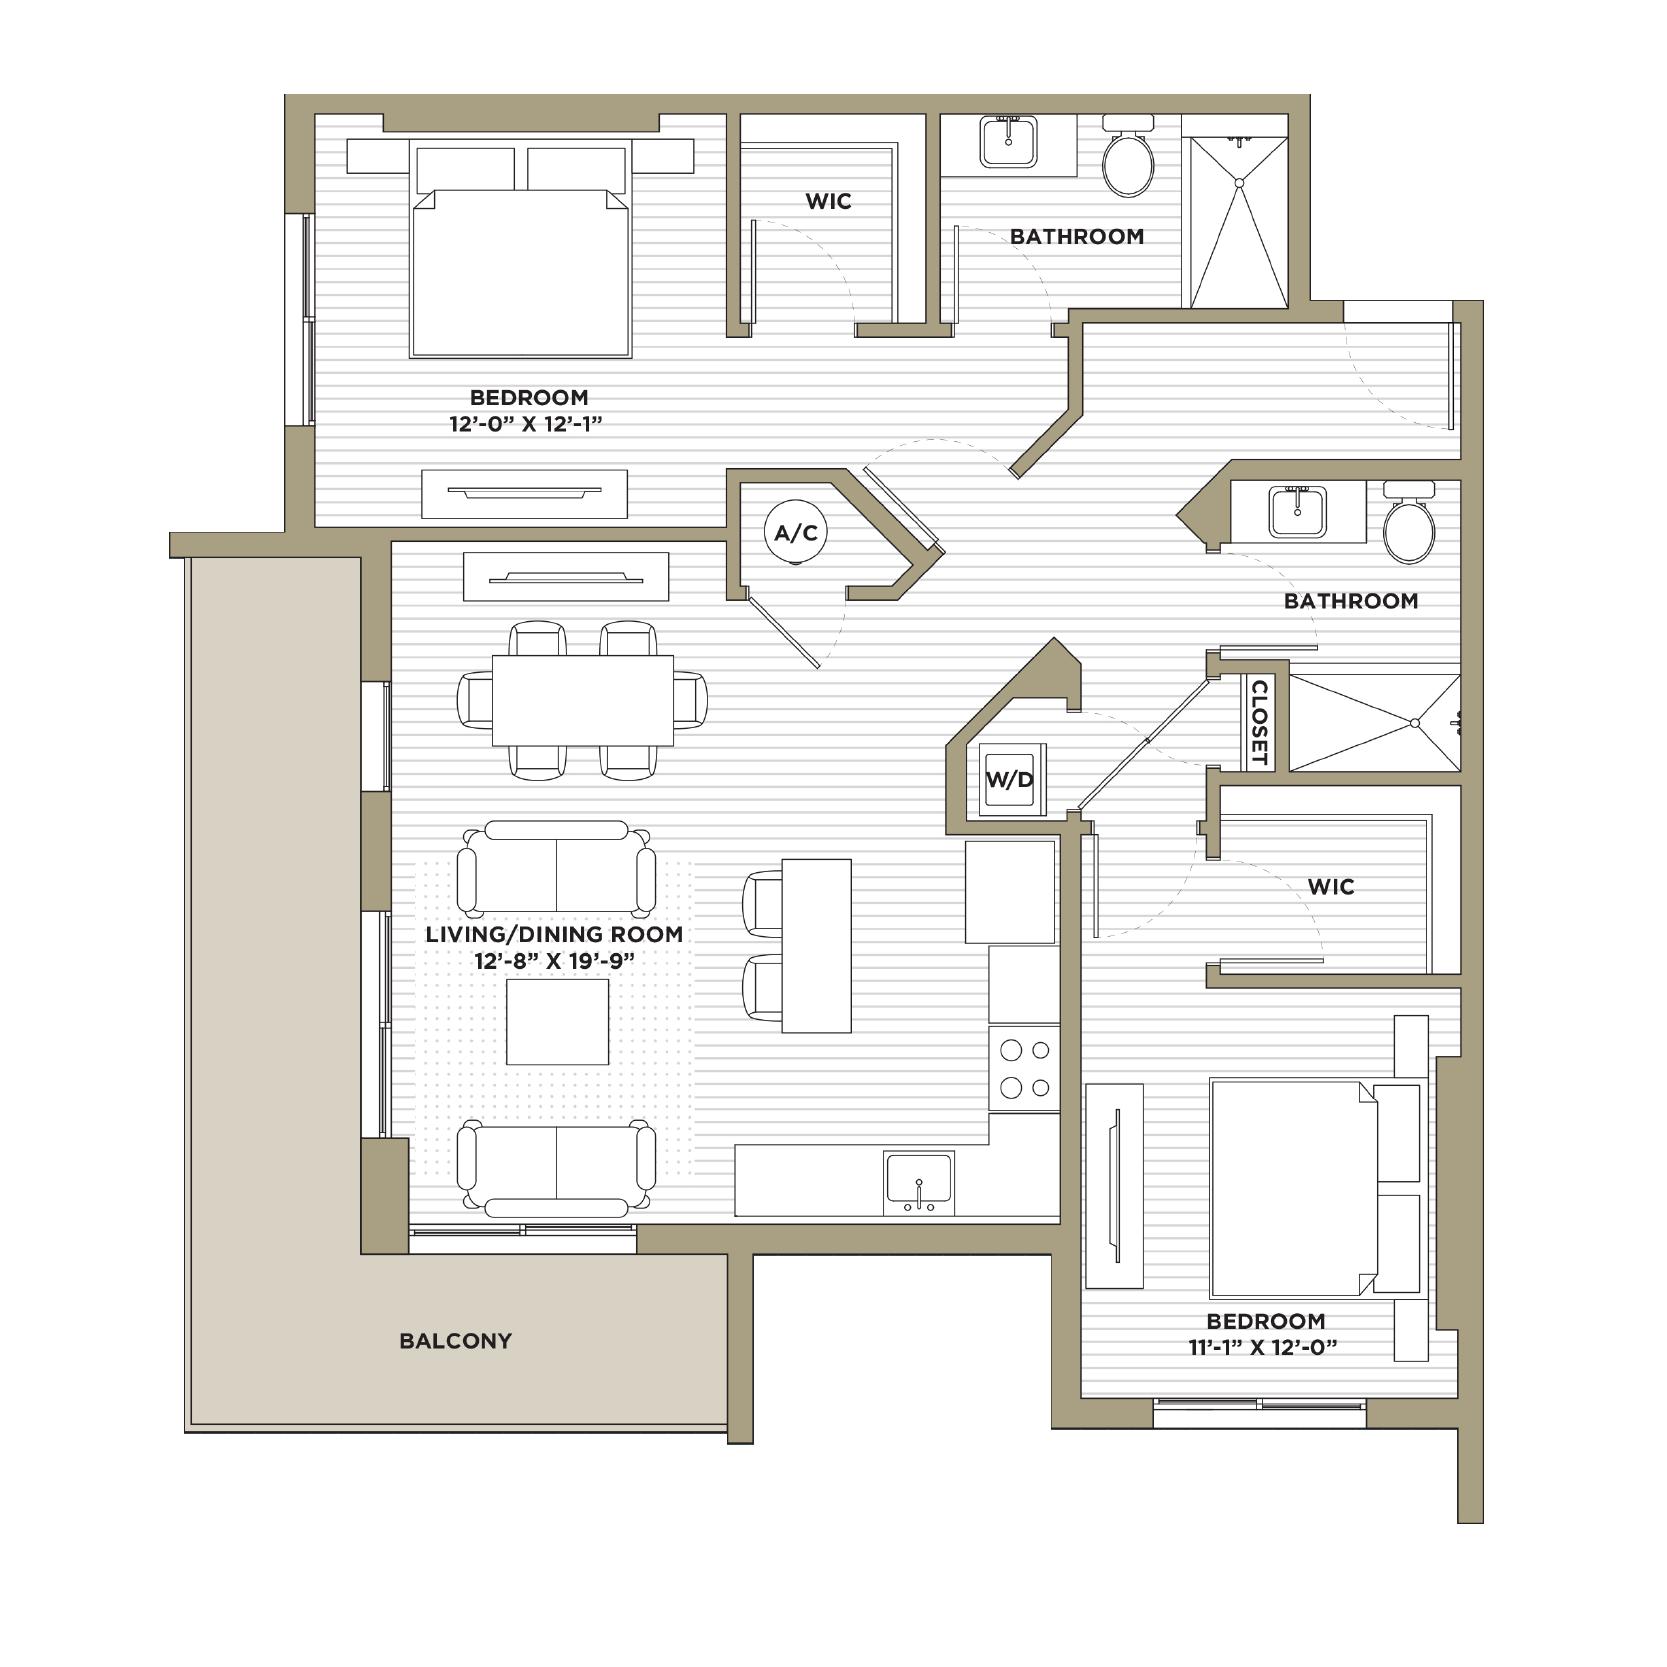 B2 / B8 - 2 Bedroom / 2 Bathroom1,156 / 1,195 sq. ft.